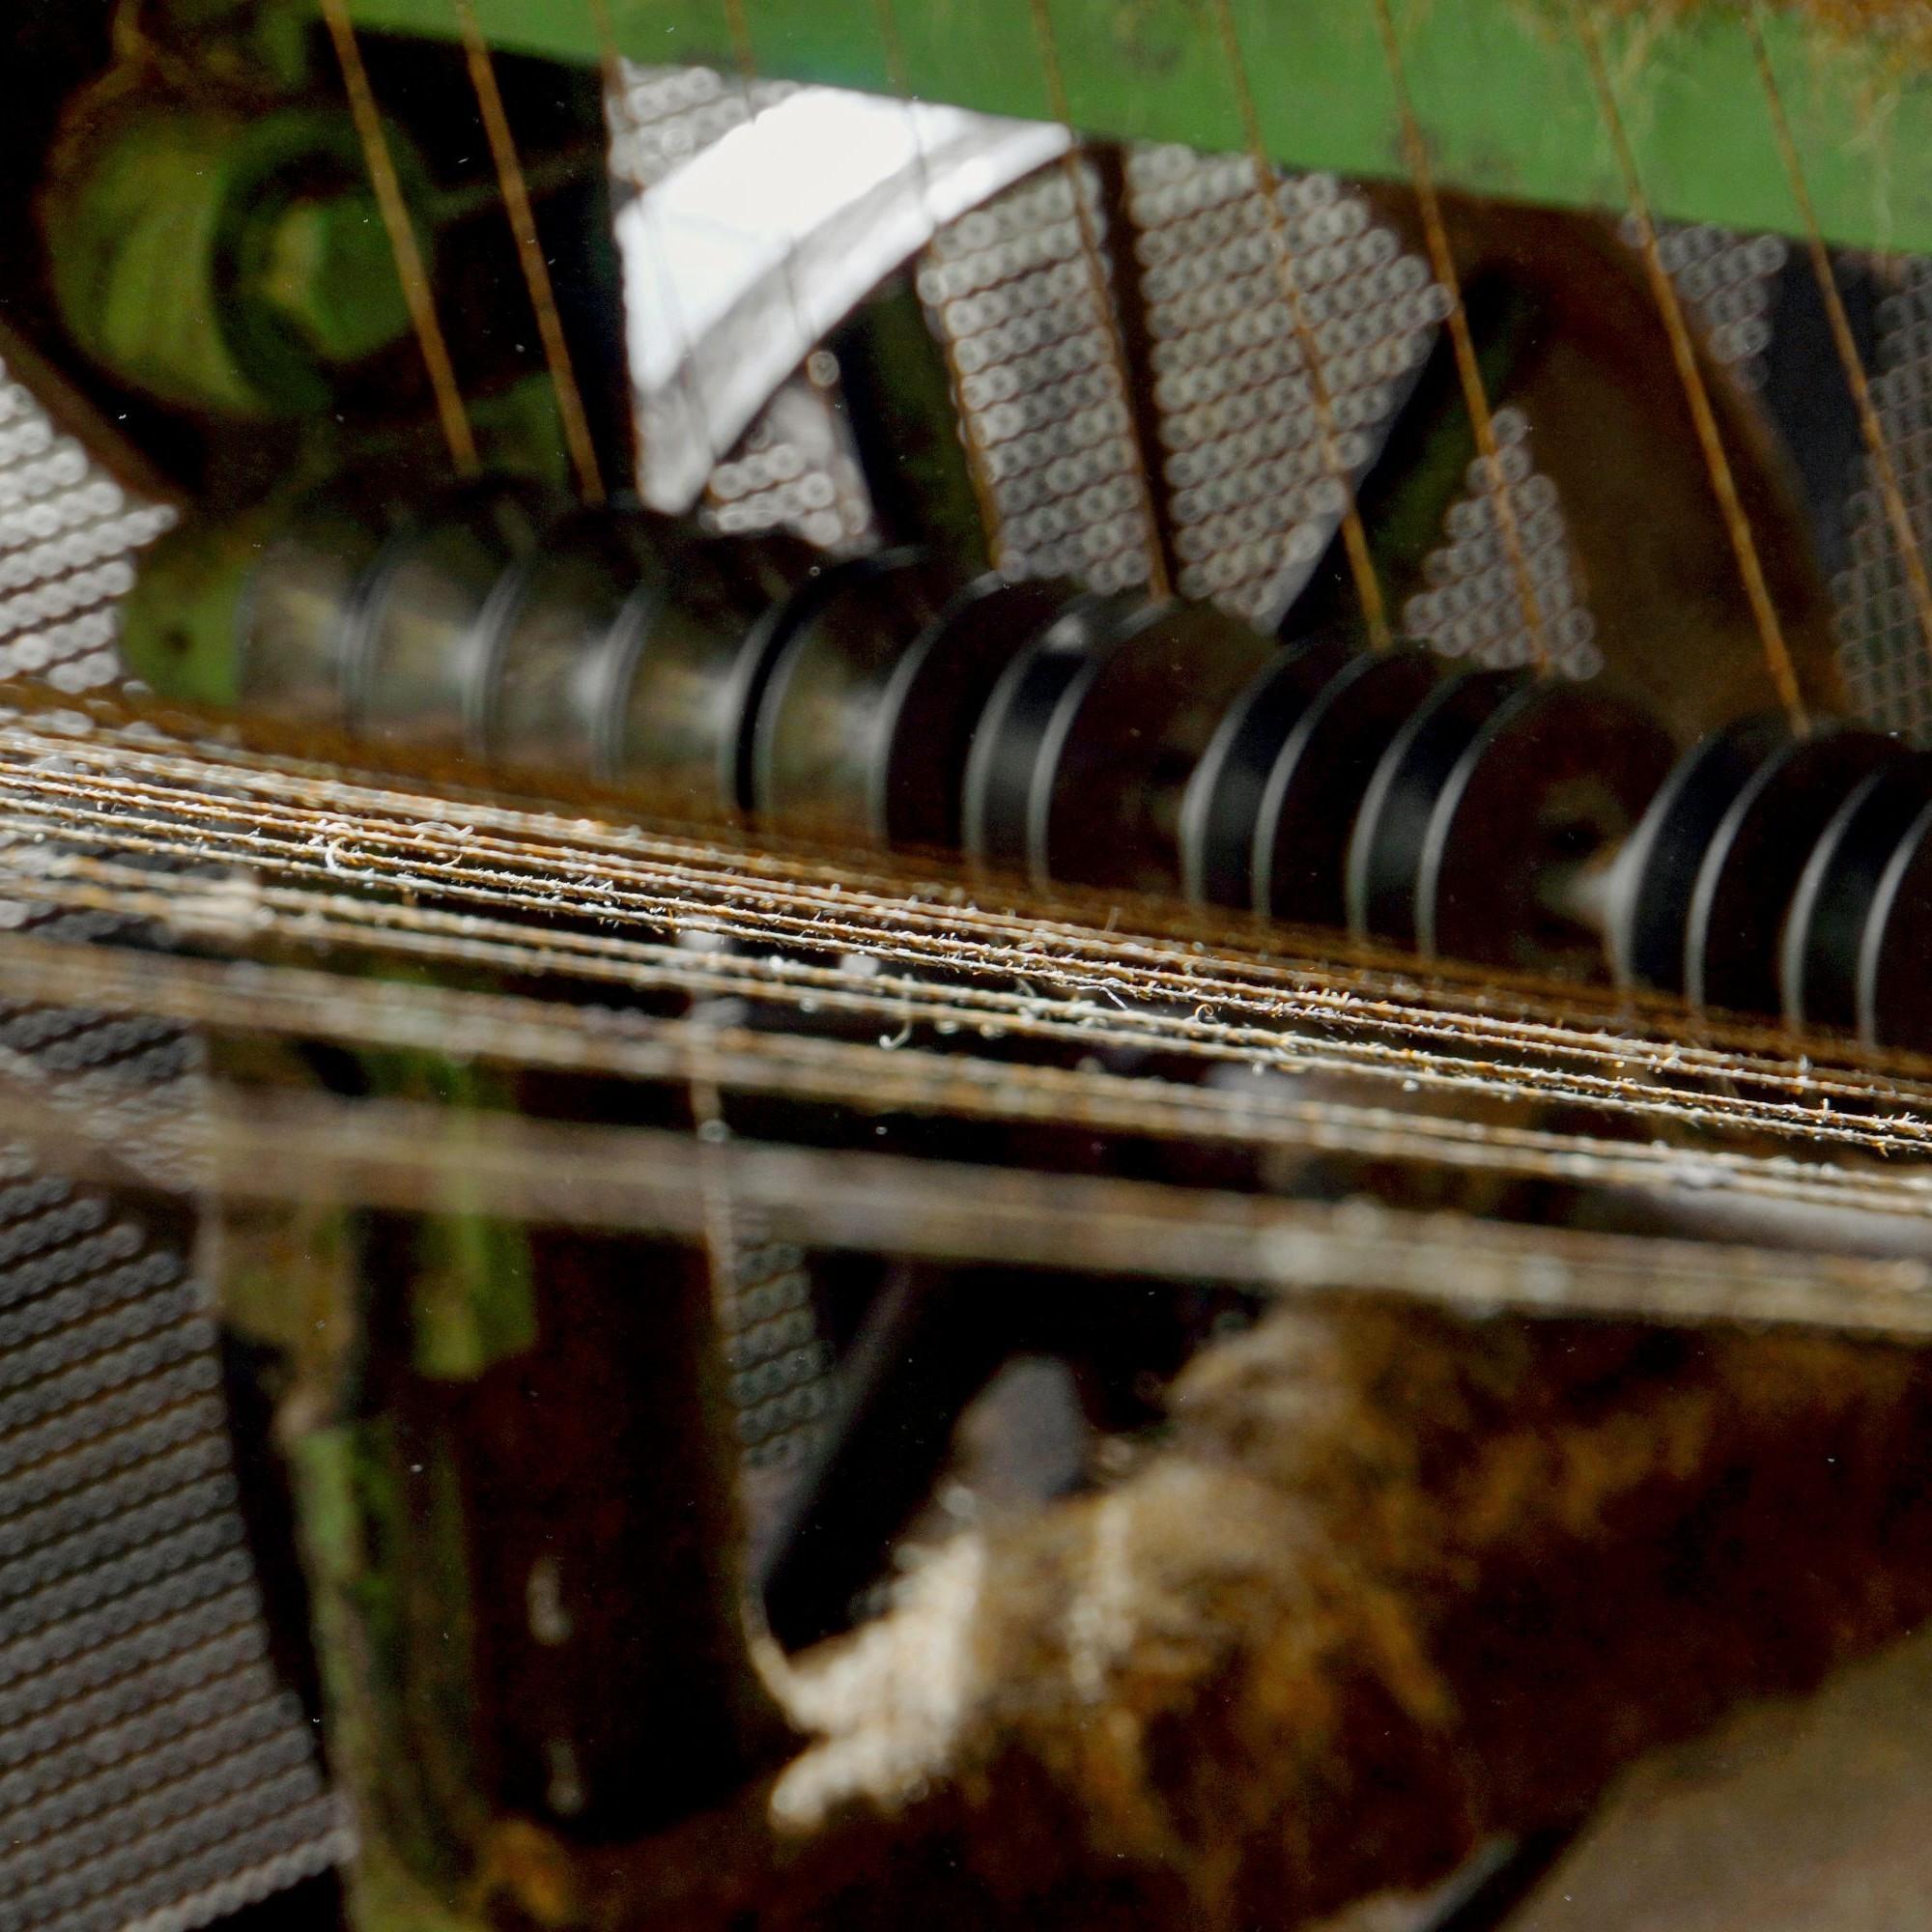 Durch mehrfaches Verziehen und Kämmen wird die Faser gestreckt.